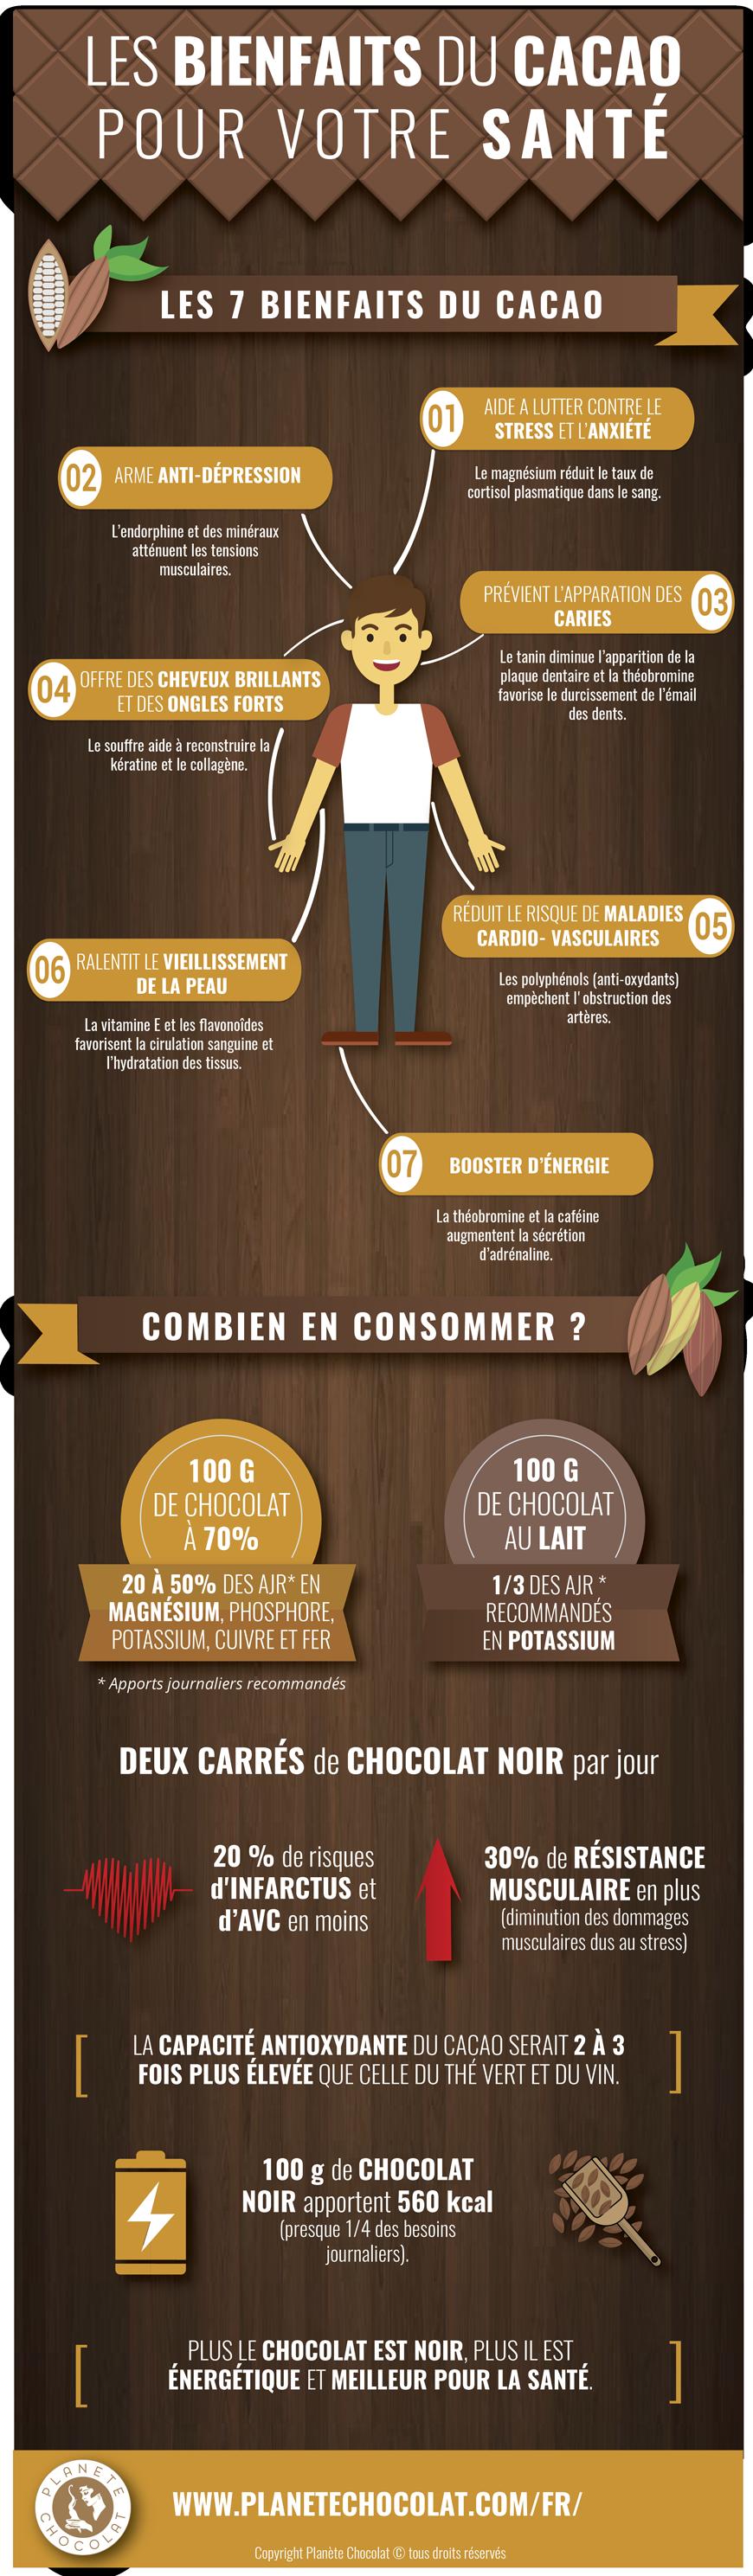 Infographie: Le chocolat est-il bon pour la santé ?-Les bienfaits du chocolat noir